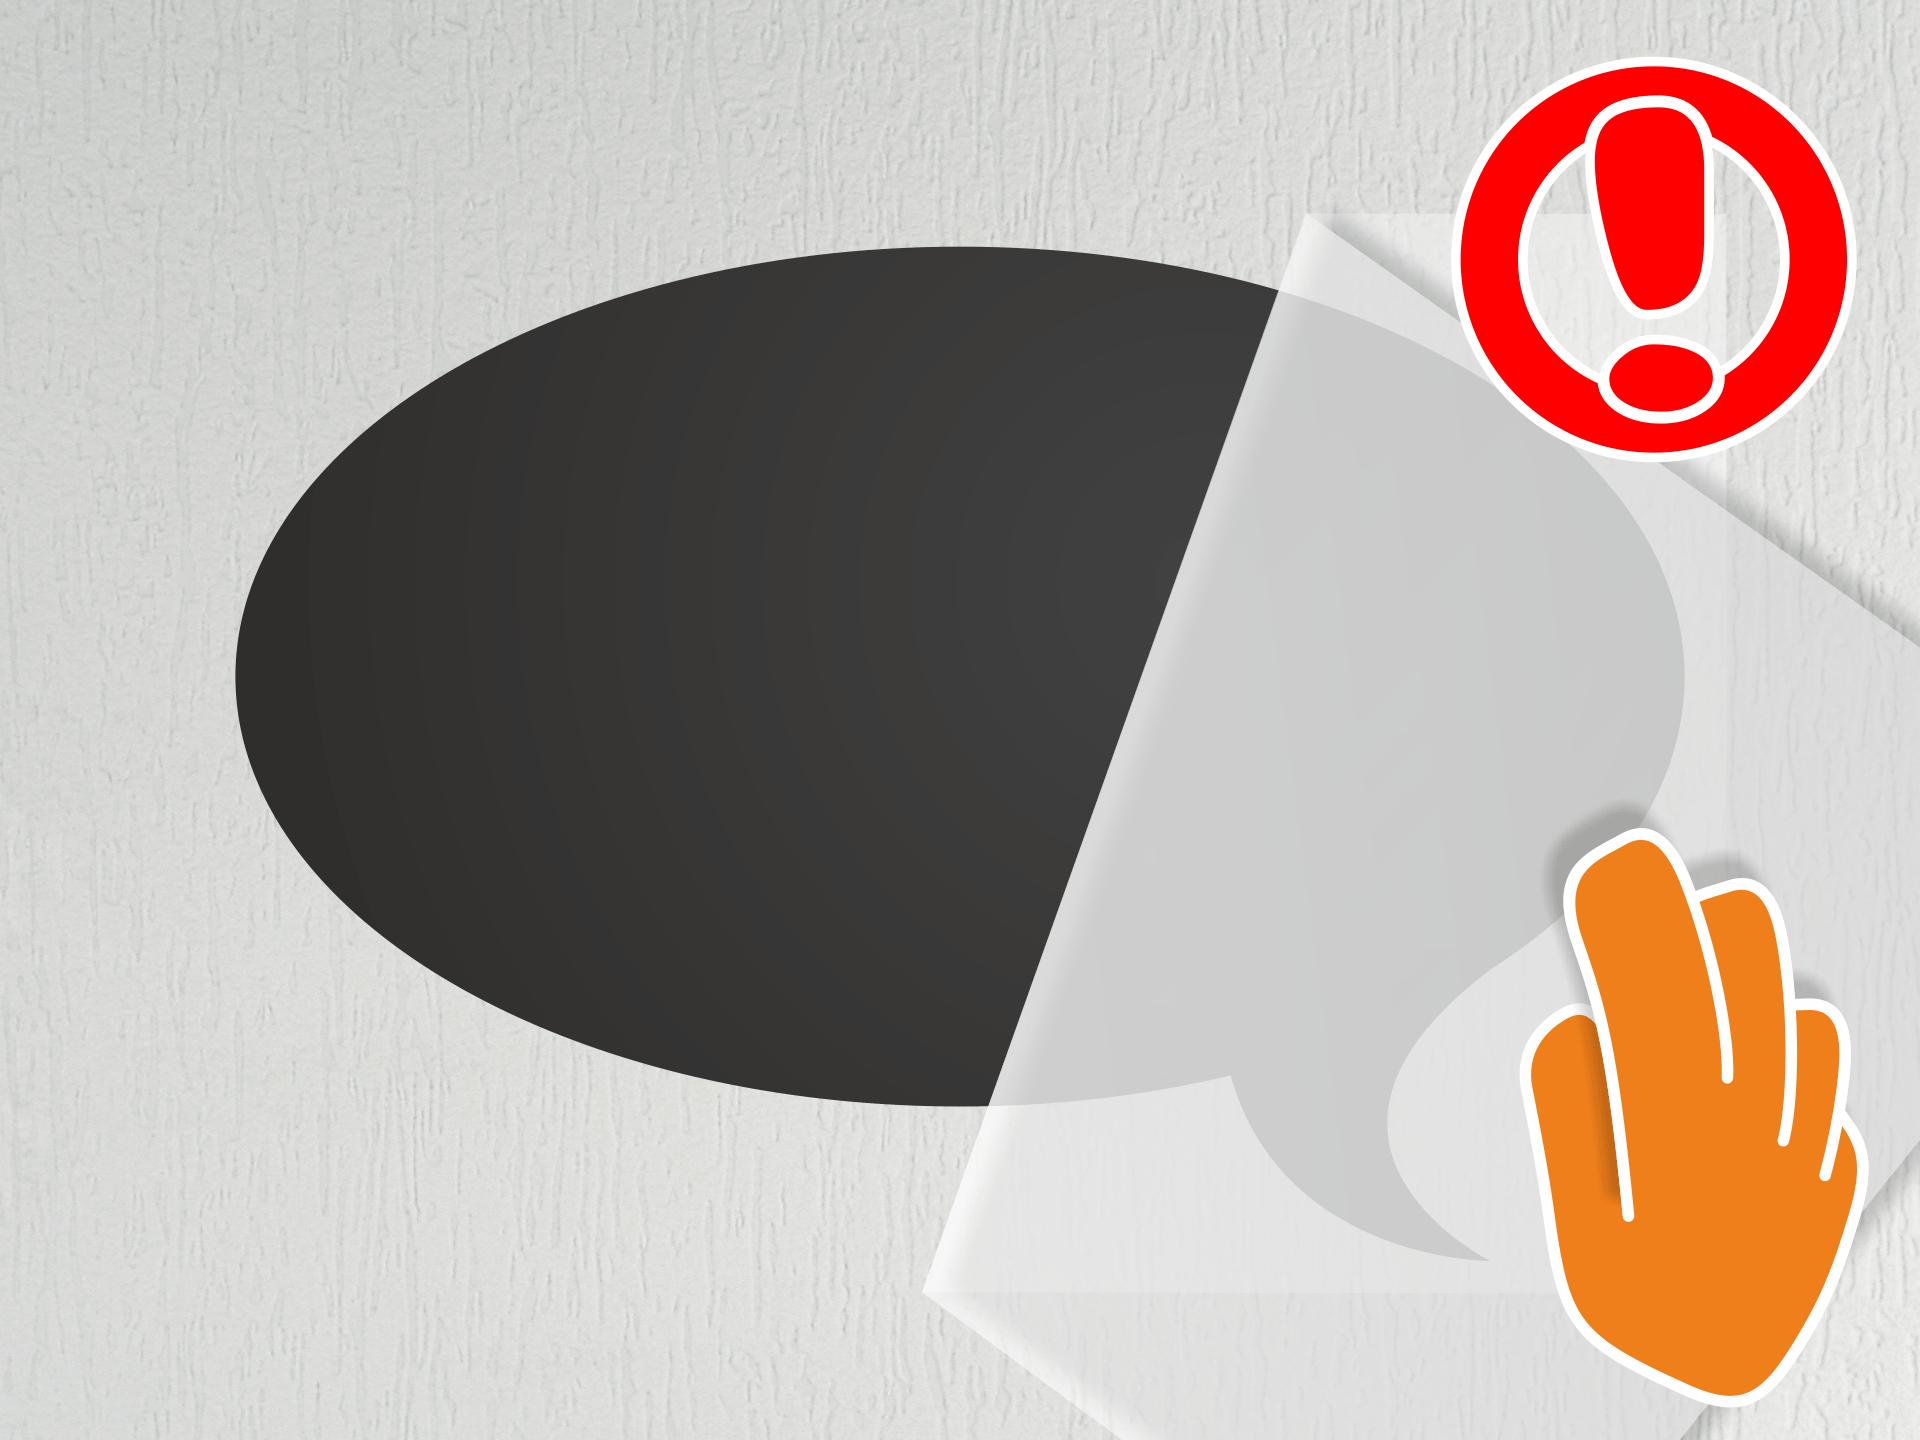 Die Übertragungsfolie bitte extrem vorsichtig und langsam lösen. Bleibt das Tafeltattoo dabei an einigen Stellen nicht auf der Wand – mit dem Finger nachdrücken.